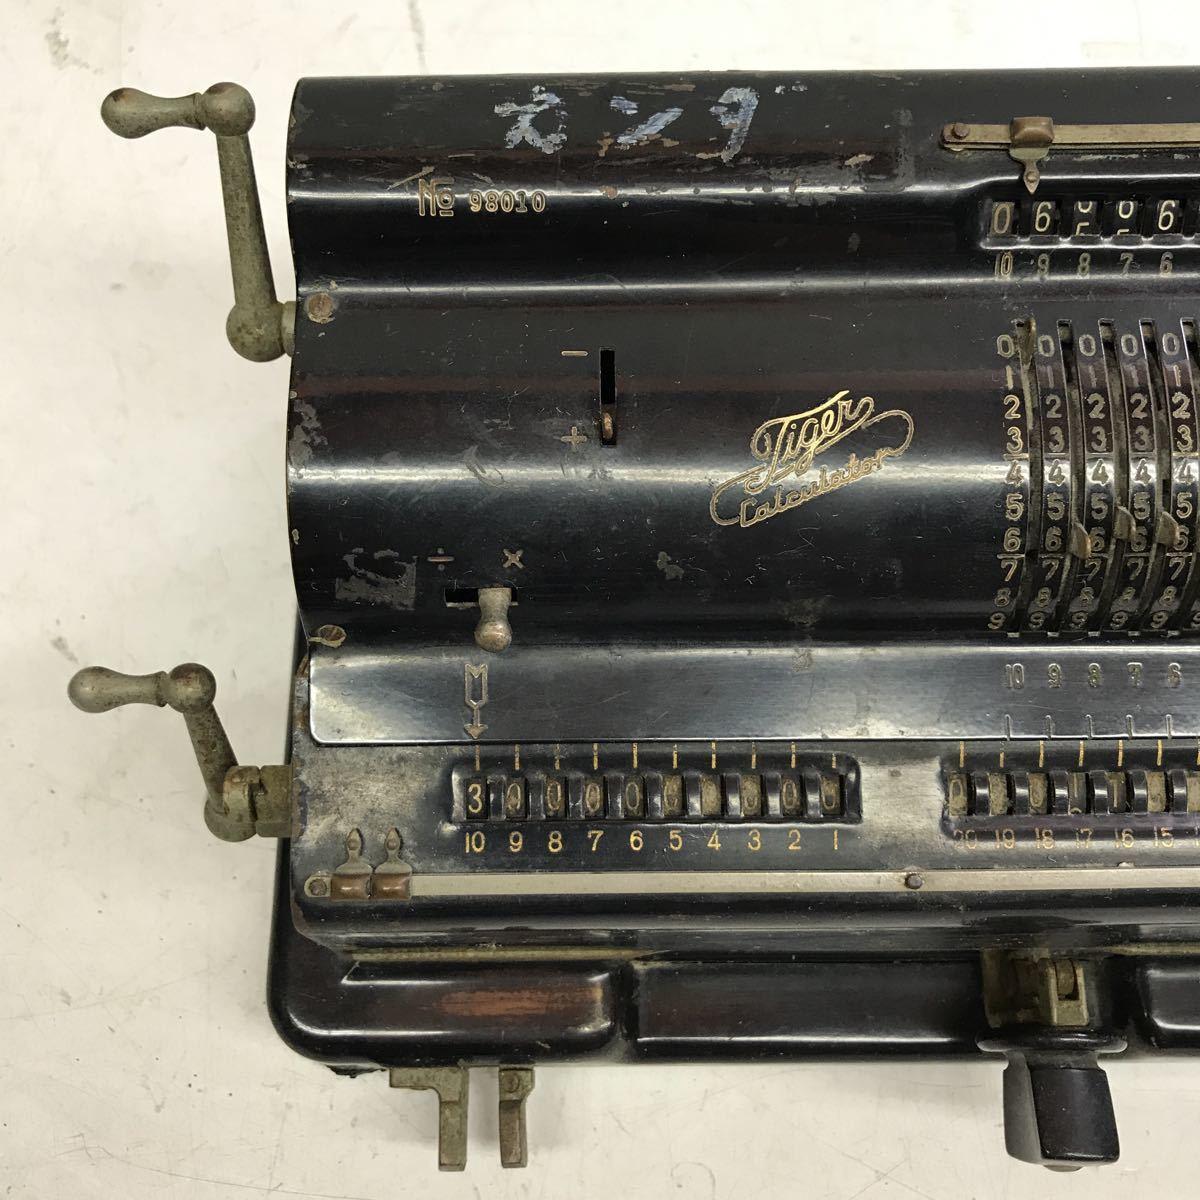 Tiger calculator タイガー計算機手回し 黒 ブラック 昭和レトロ タイガー 機械式計算機 アンティーク 手動式 _画像2